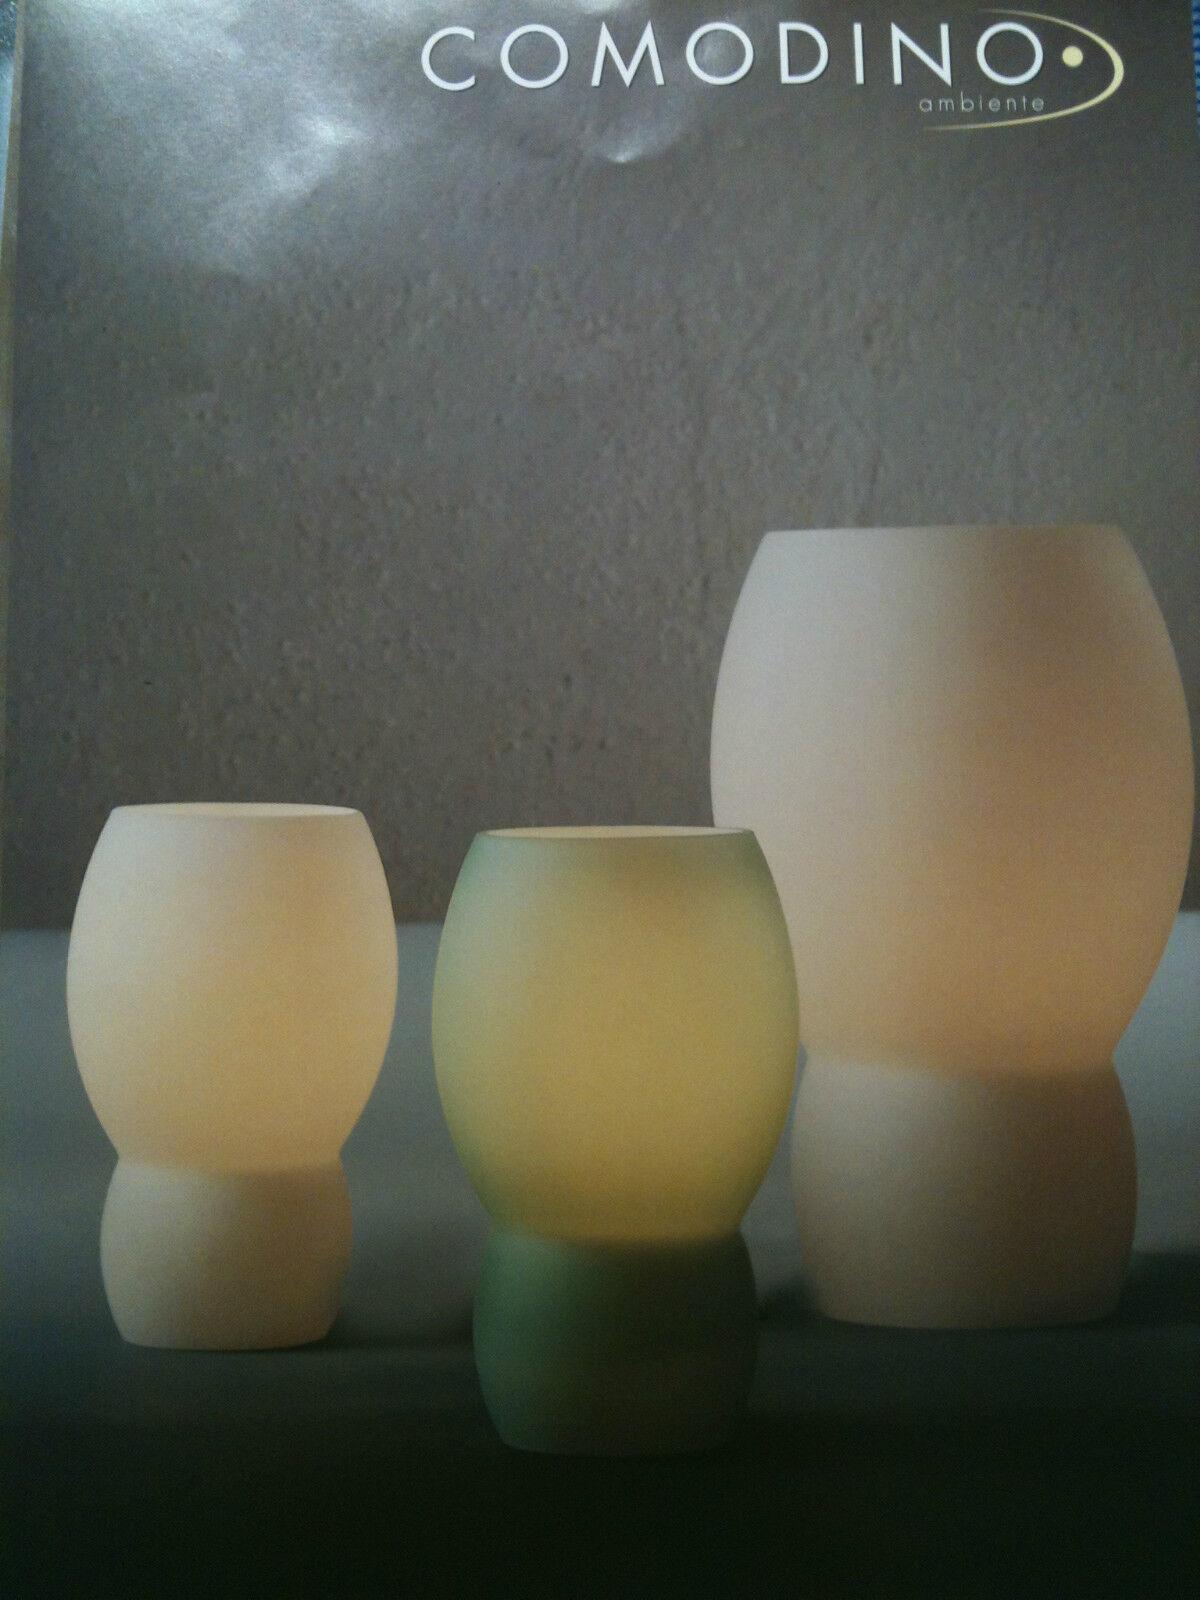 Comodino 25 cm hoch Tischleuchte Leuchte JS Fumy  weiß max. 60 W E14 o.  LED